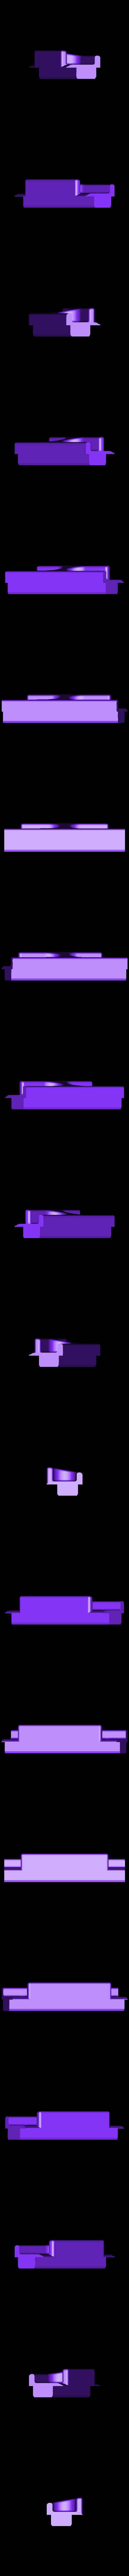 gache rouleau aout2019 v2.STL Télécharger fichier STL gratuit gâche • Objet pour impression 3D, robroy